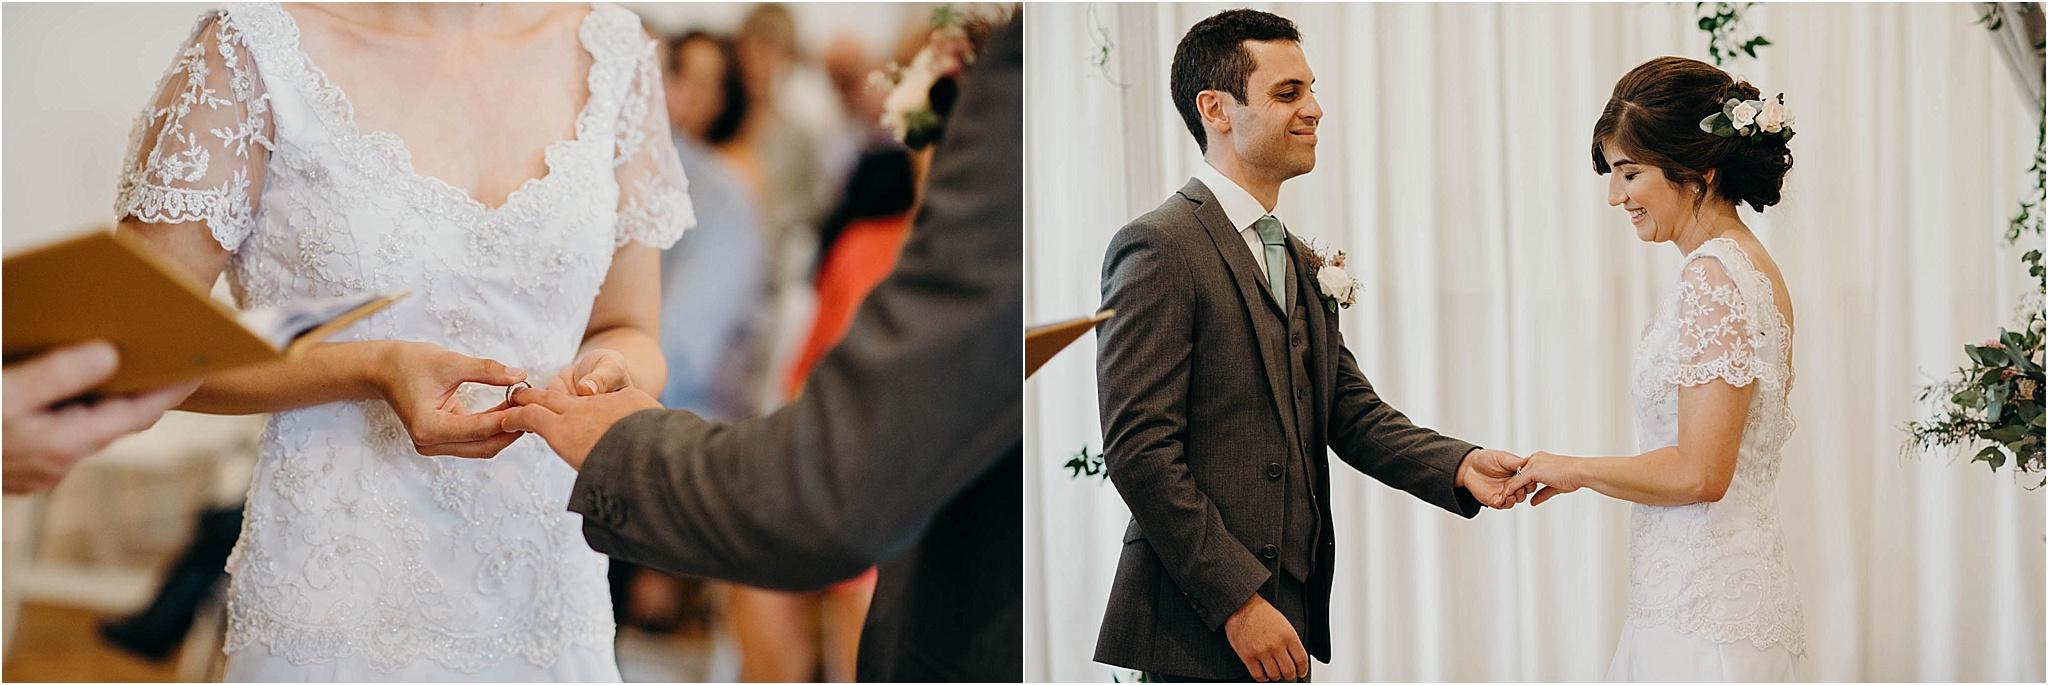 Auckland-Wedding-Photographer-Vanessa-Julian-Officers-Mess-Married_0026.jpg